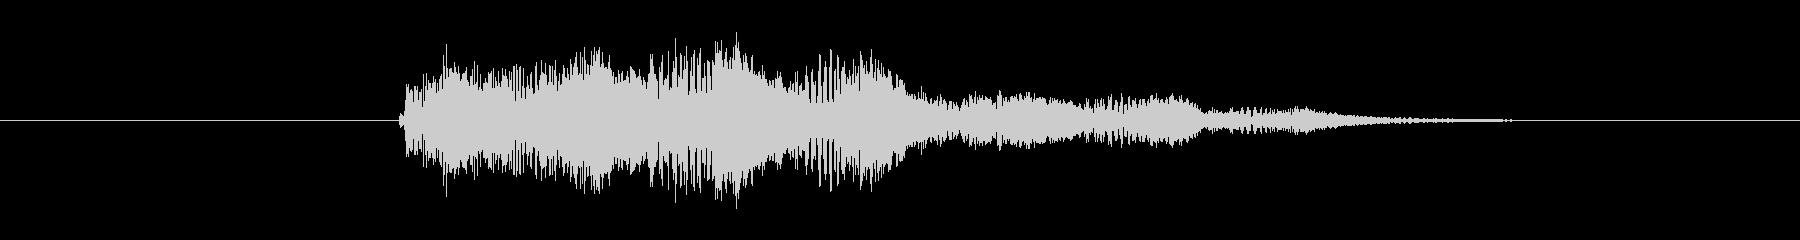 プルプル音(スライム・ゼリー系)8の未再生の波形